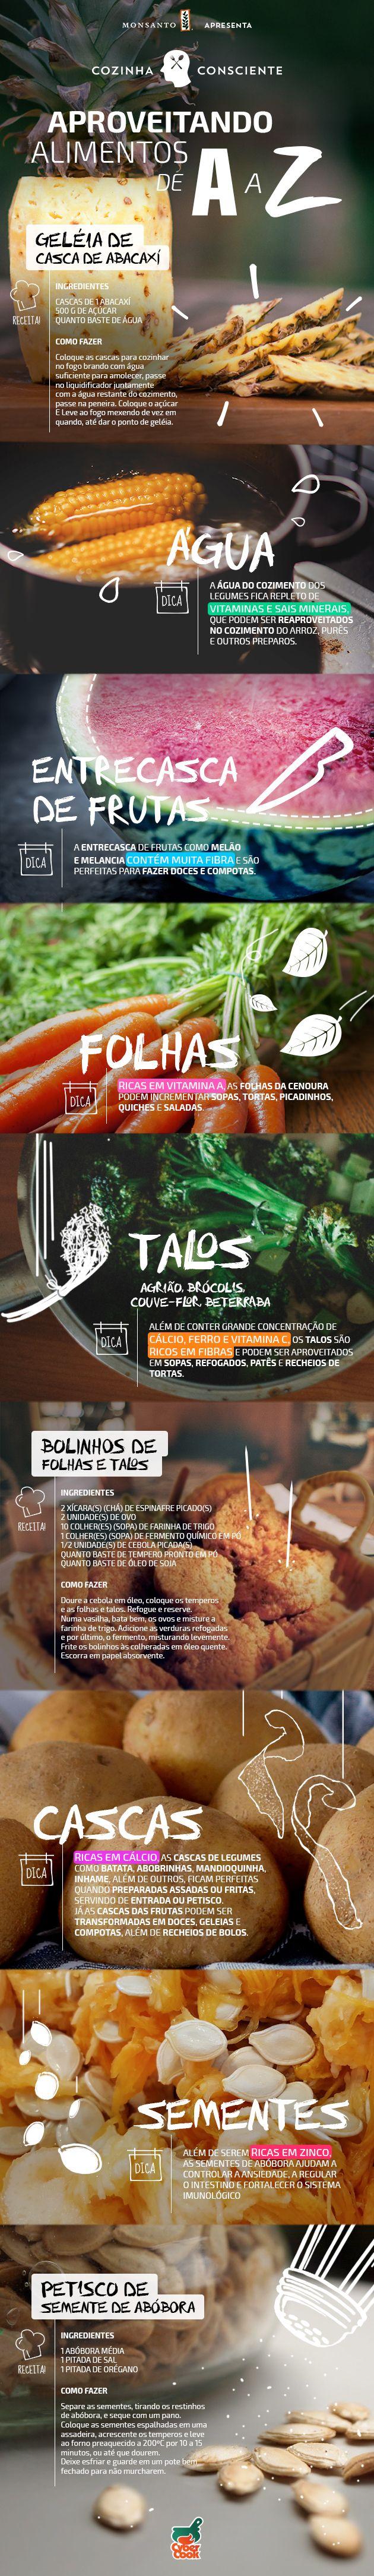 Nada de desperdício! Veja um guia ilustrado de como aproveitar ao máximo seus alimentos! #tips #dicas #food #cozinhaconsciente